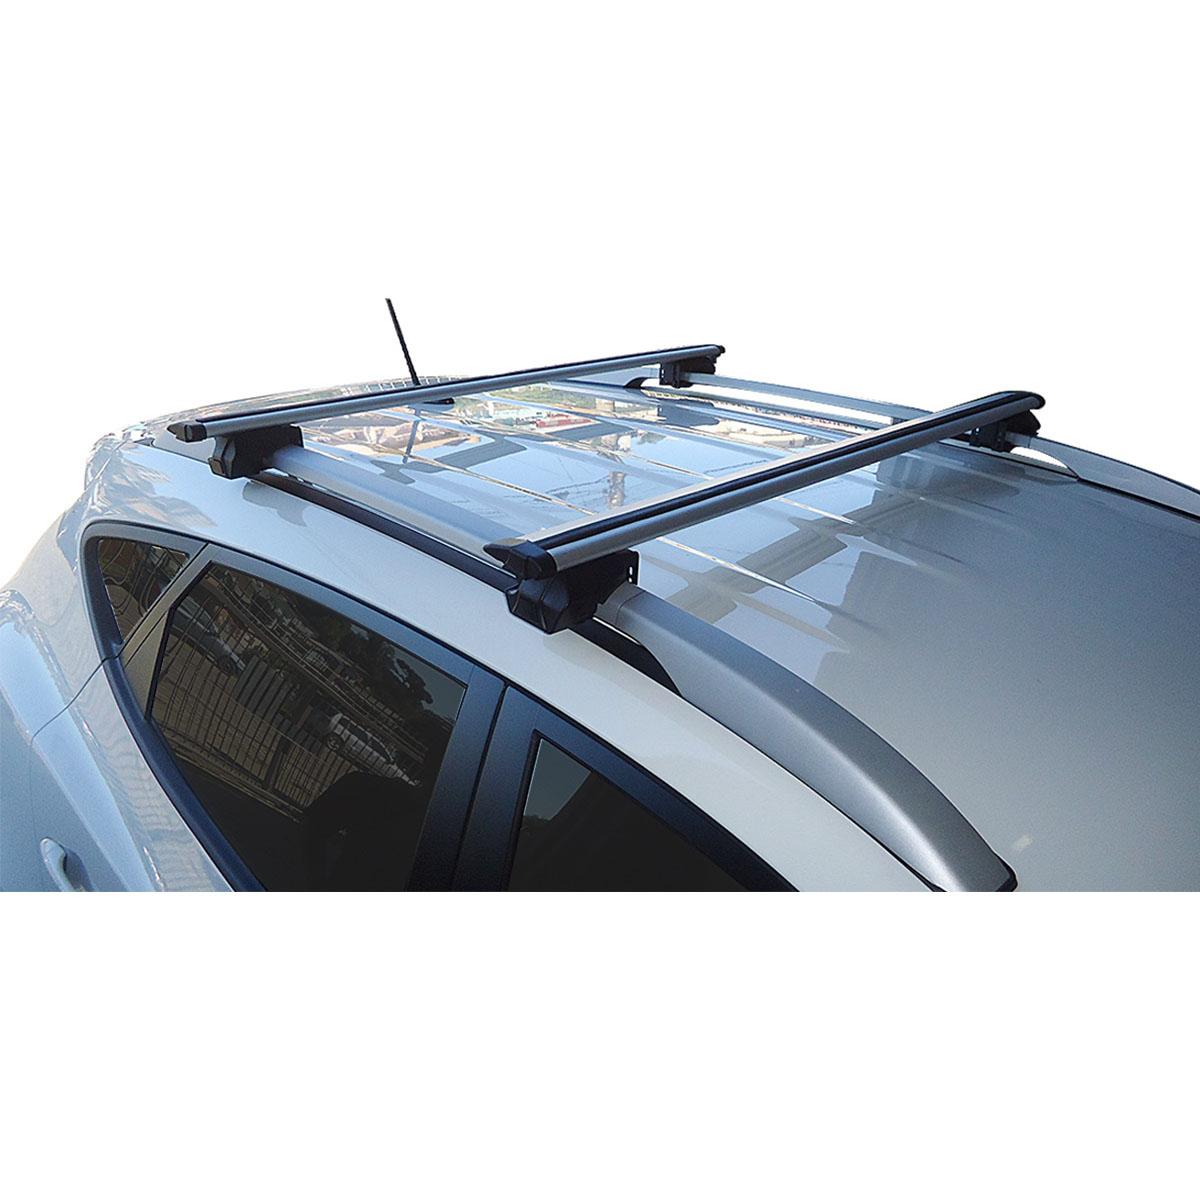 Travessa rack de teto Procargo Jimny 2012 a 2016 com trava de segurança